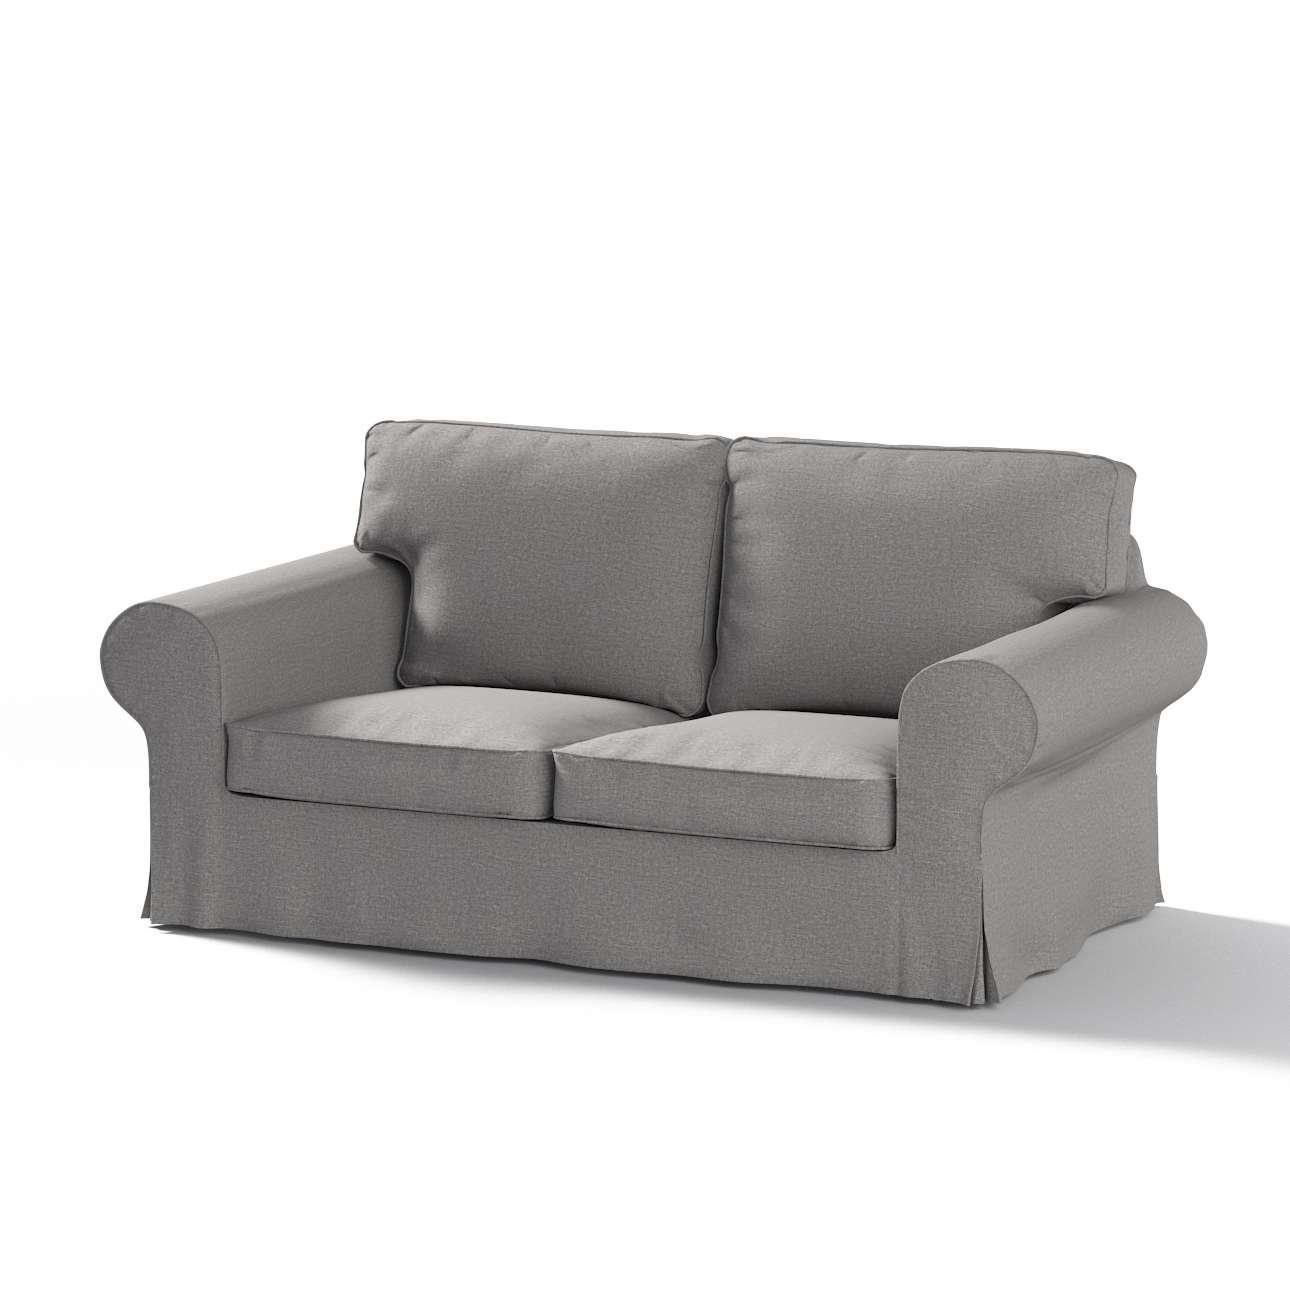 Poťah na sedačku Ektorp (rozkladacia, pre 2 osoby) NOVÝ MODEL 2012 V kolekcii Edinburg, tkanina: 115-81